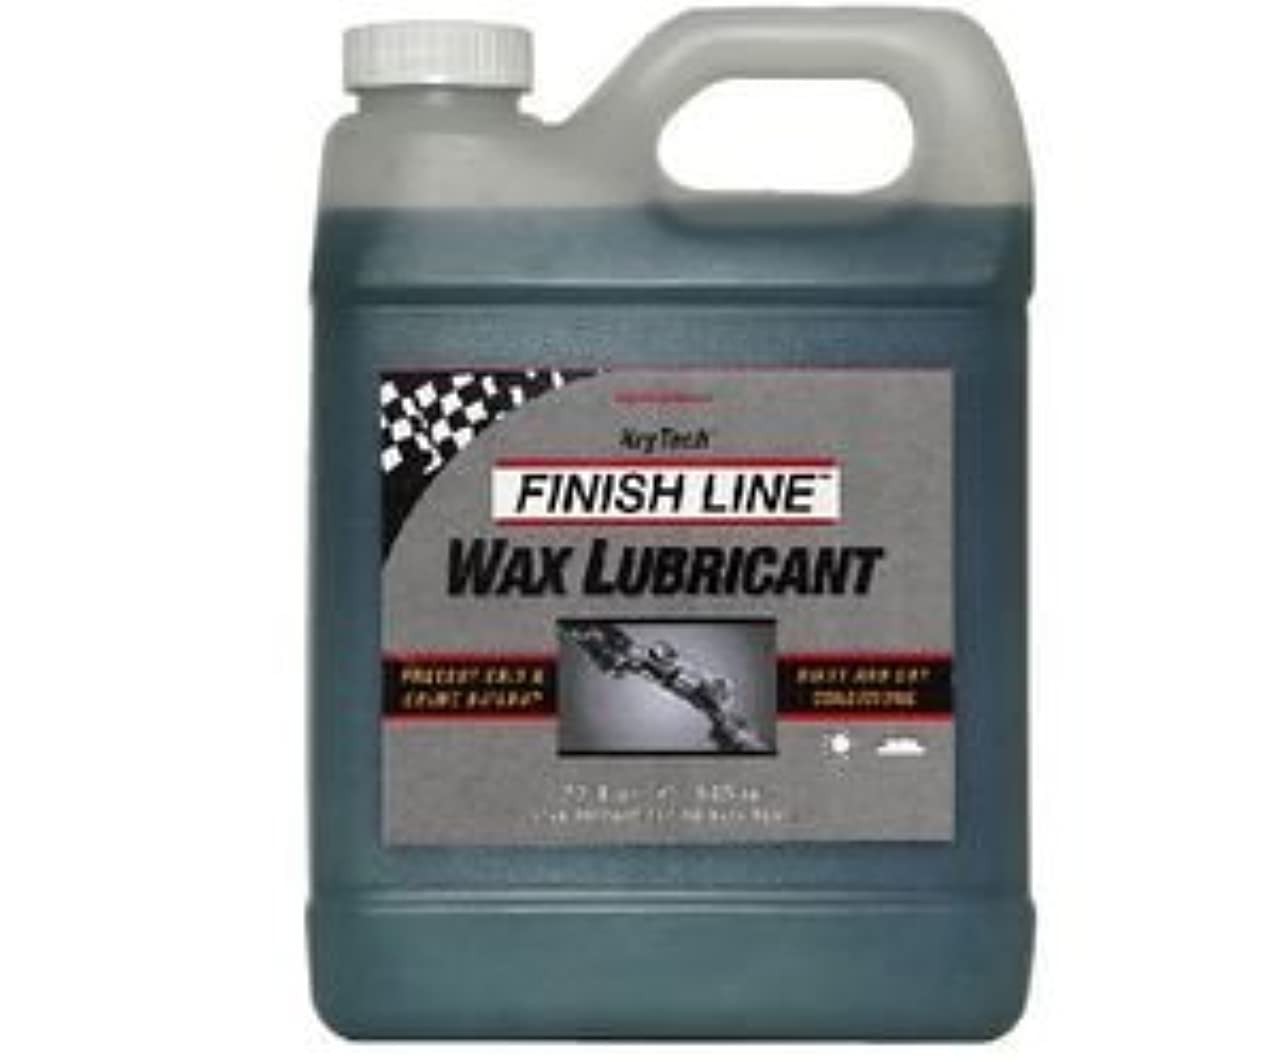 変化する忘れっぽいファウルFINISH LINE KryTech Wax Lube 945ml (コード番号:TOS06902) (潤滑剤 ケミカル) フィニッシュライン クライテック ワックス ルーブ 945ml プラボトル